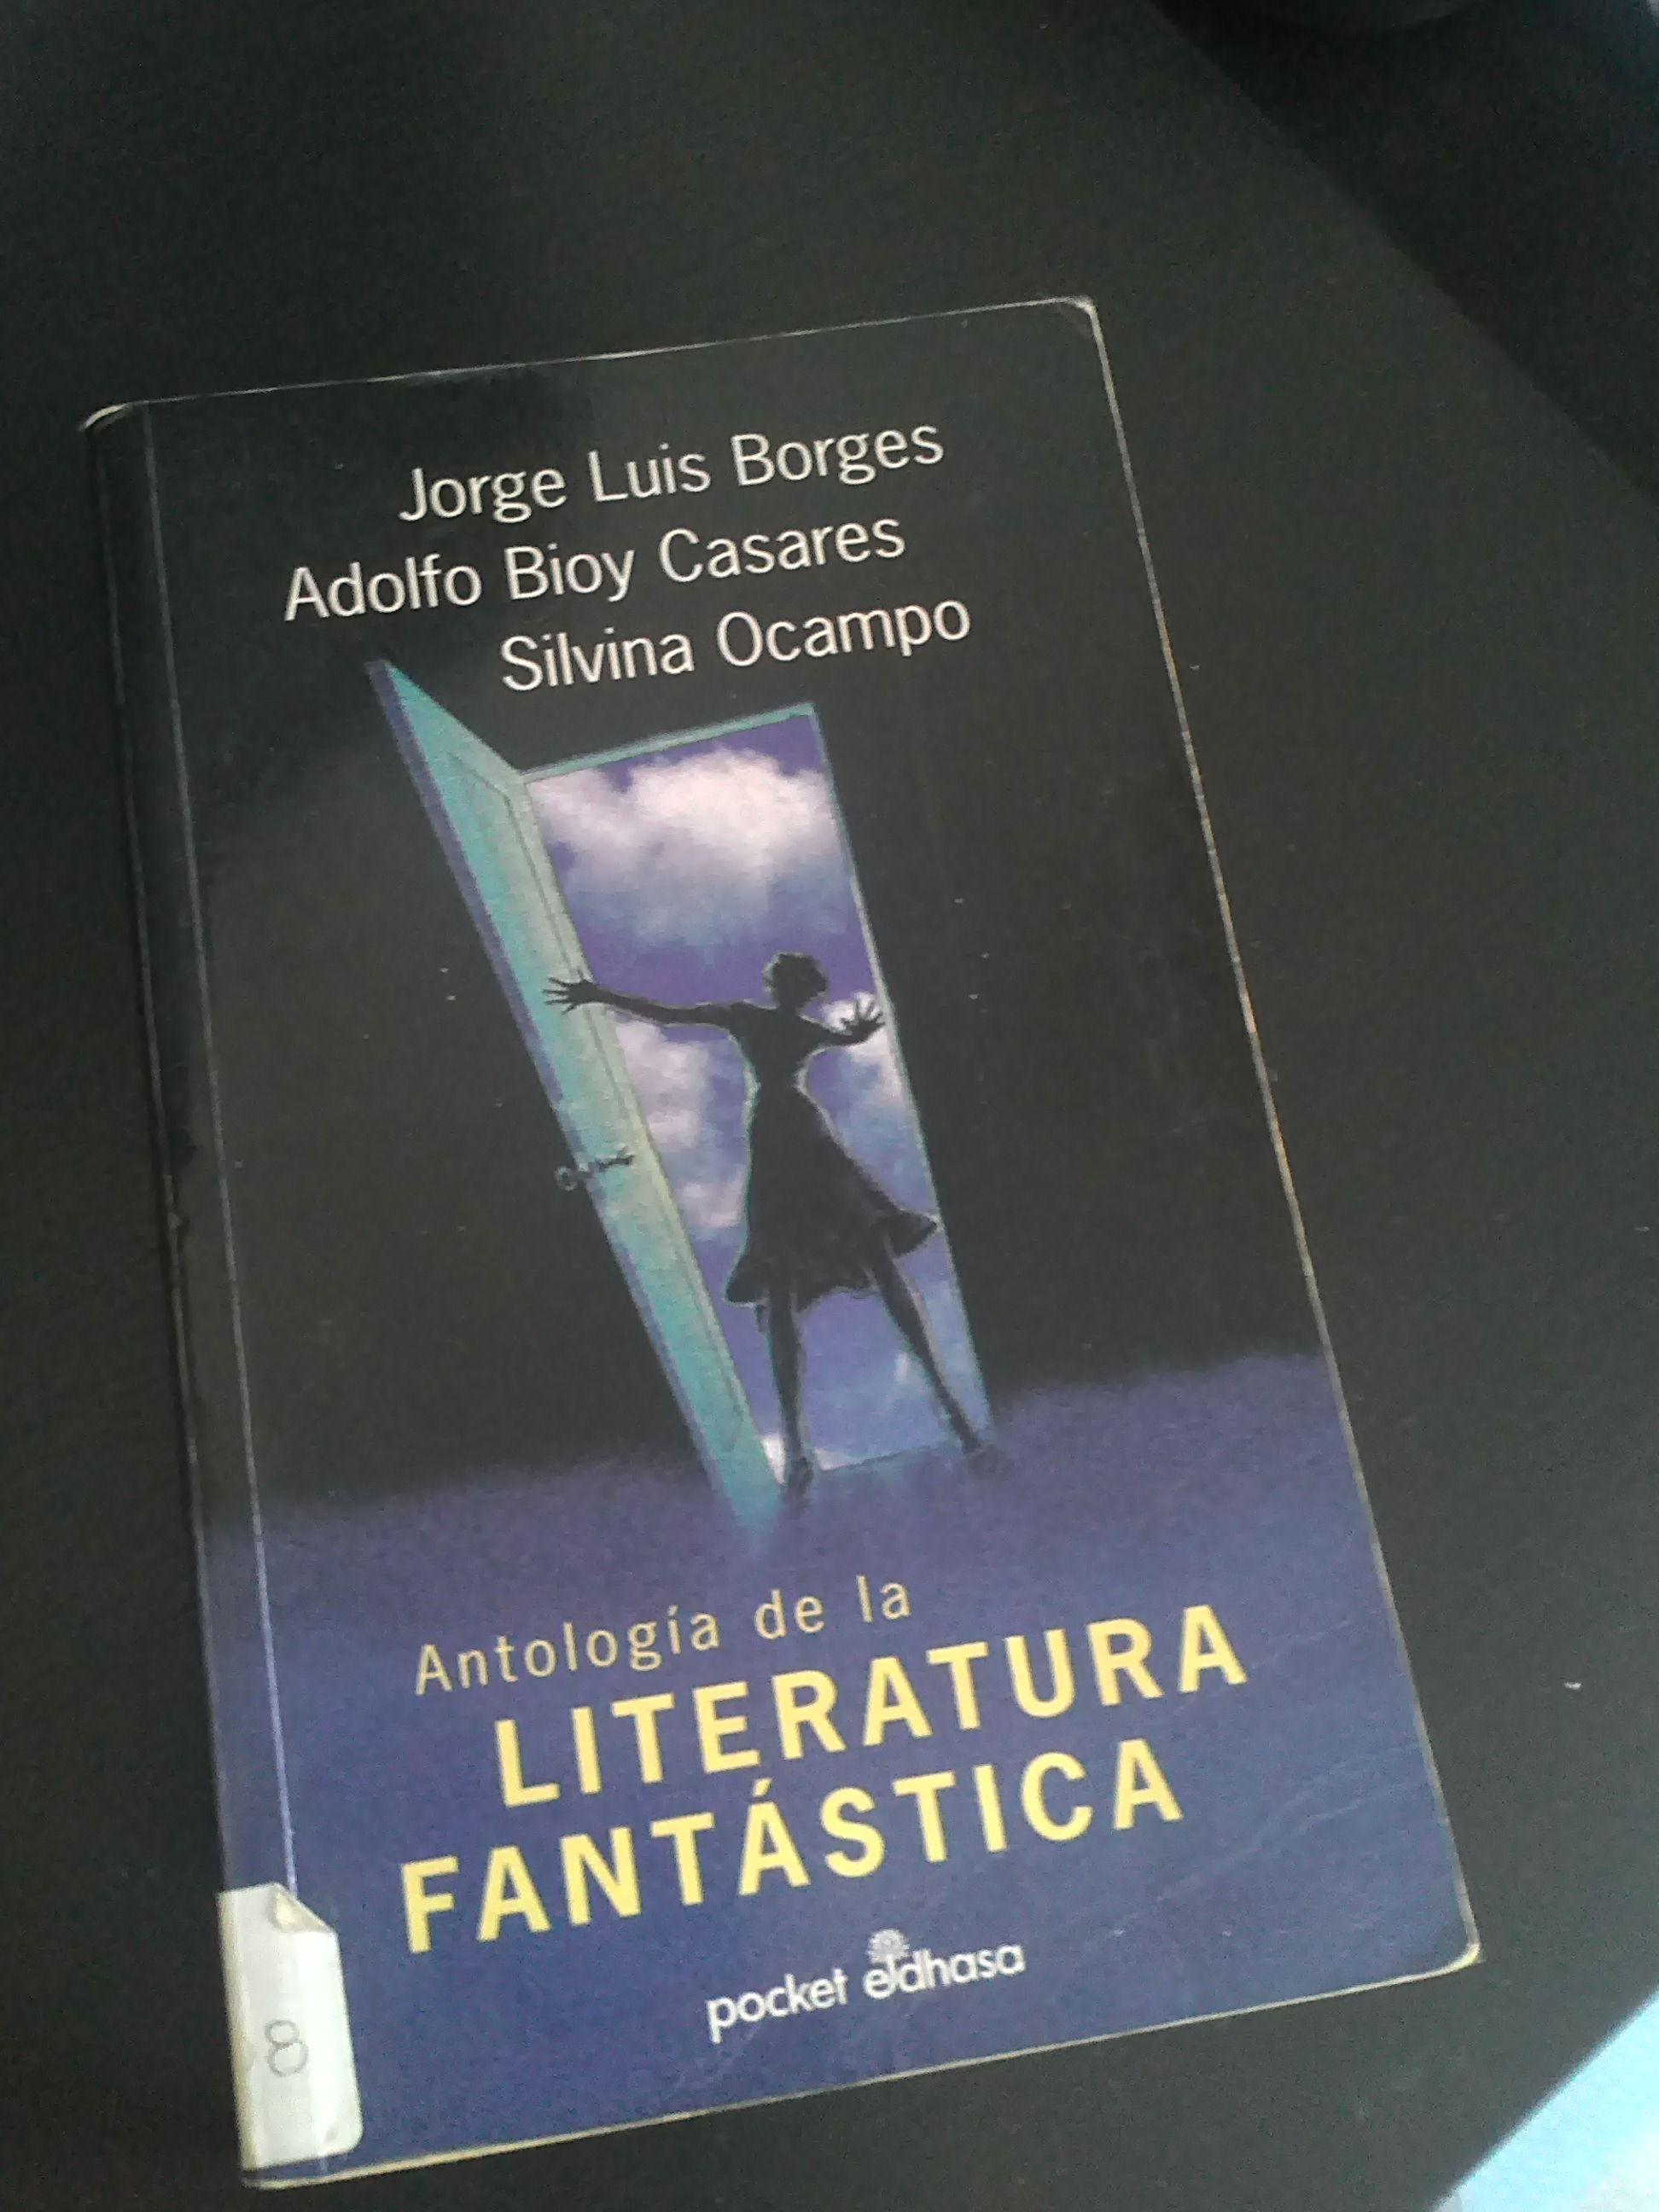 Antología De La Literatura Fantástica Vvaa Ed Jorge Luis Borges Adolfo Bioy Casares Y Silvina Ocampo Literatura Literatura Fantastica Books Libros